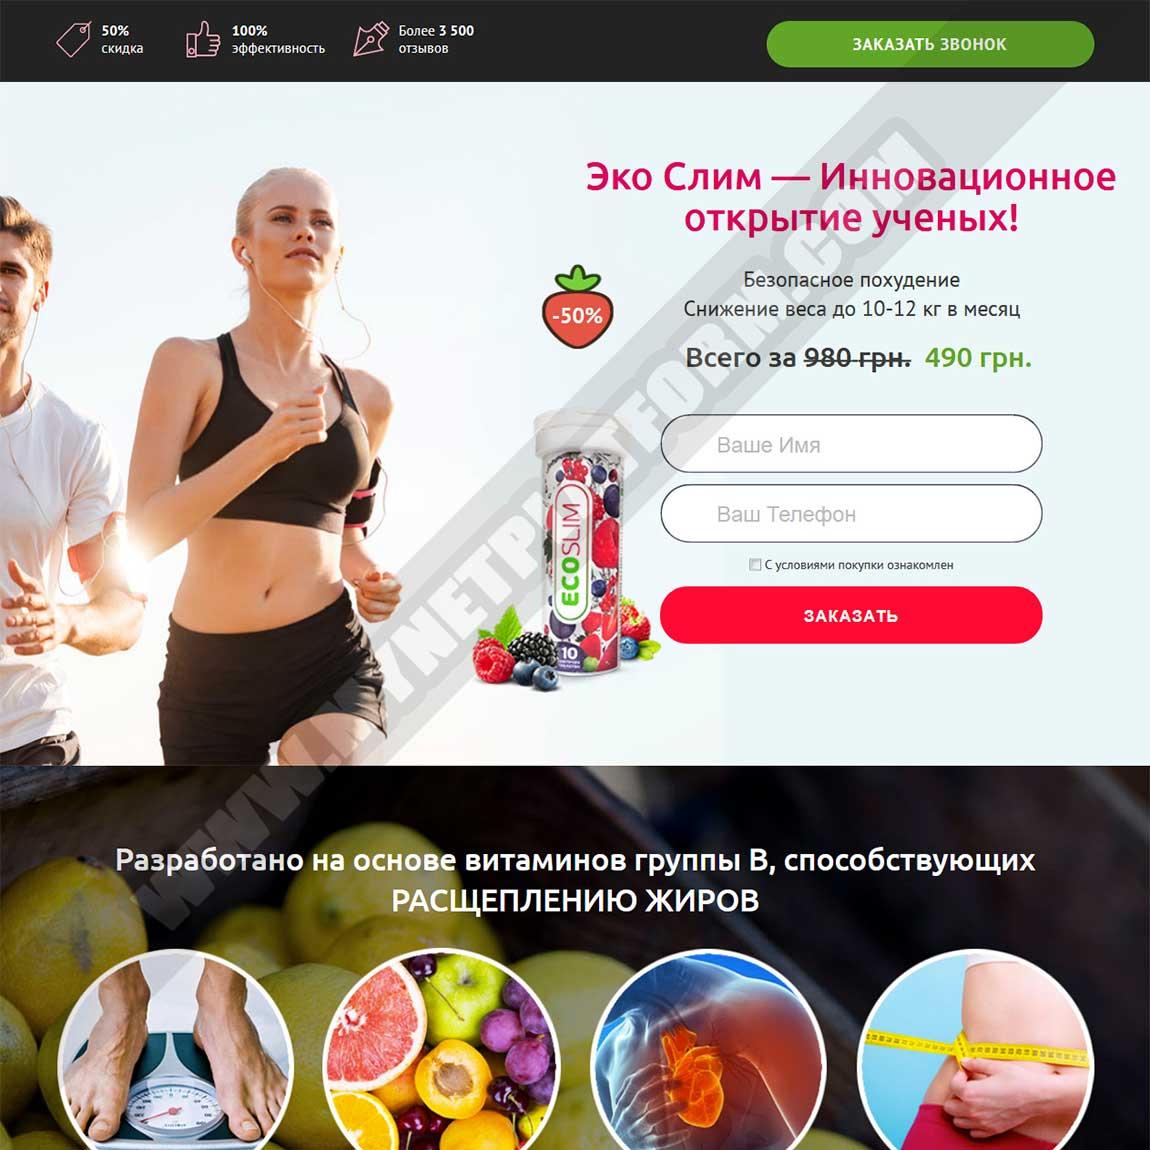 Миниатюра готового лендинга Эко Слим (EcoSlim) - экологичное похудение 001